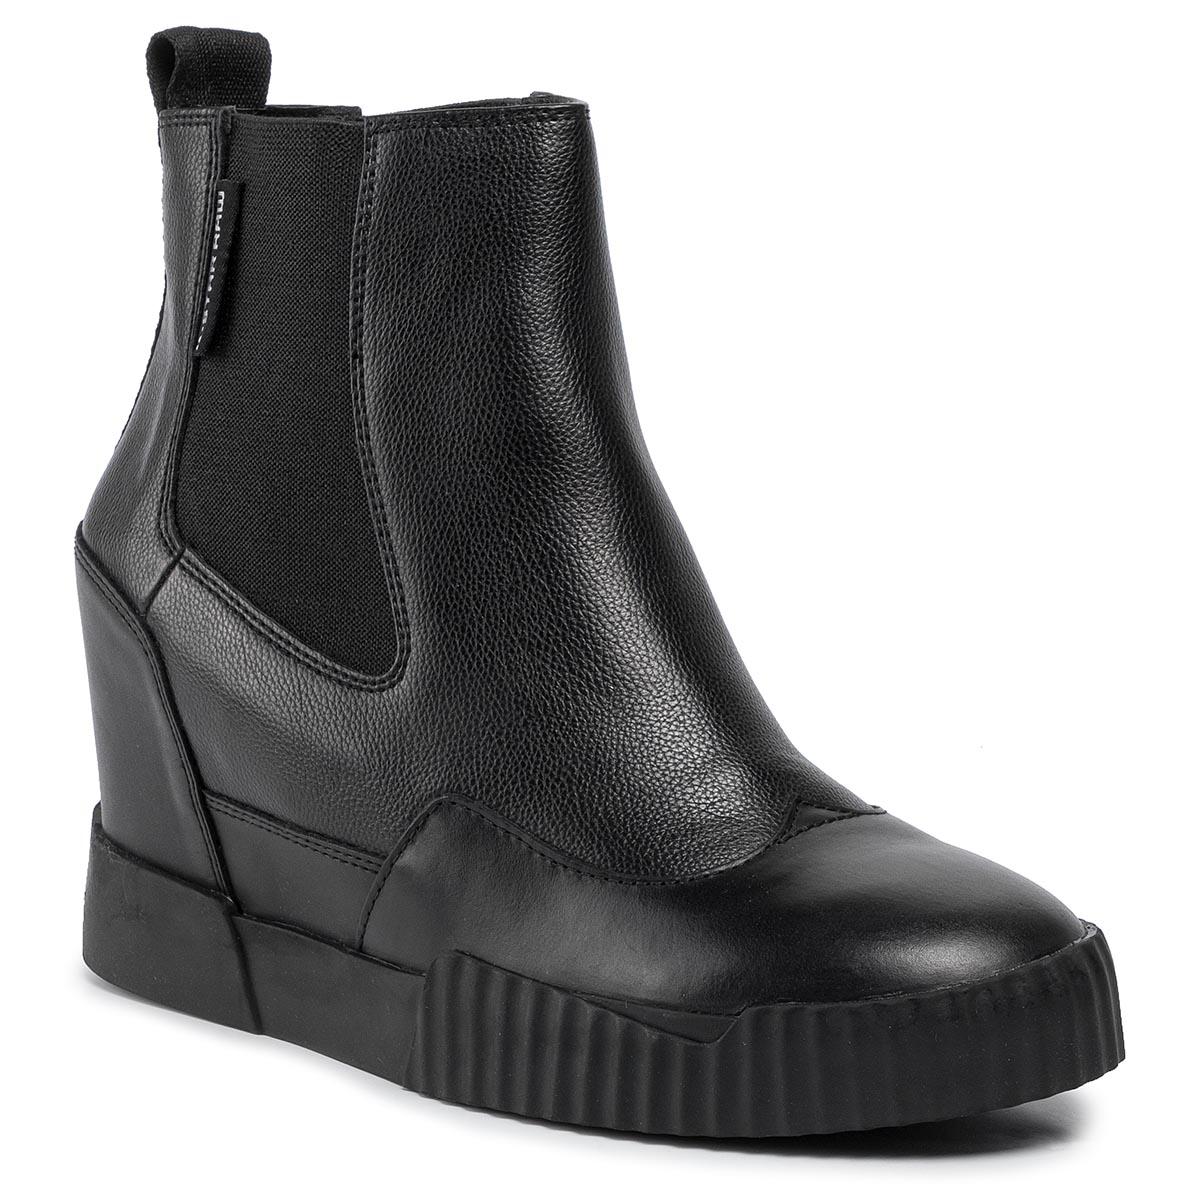 Členková obuv G-STAR RAW - Tacoma Sneaker D14289-B701-990 Black